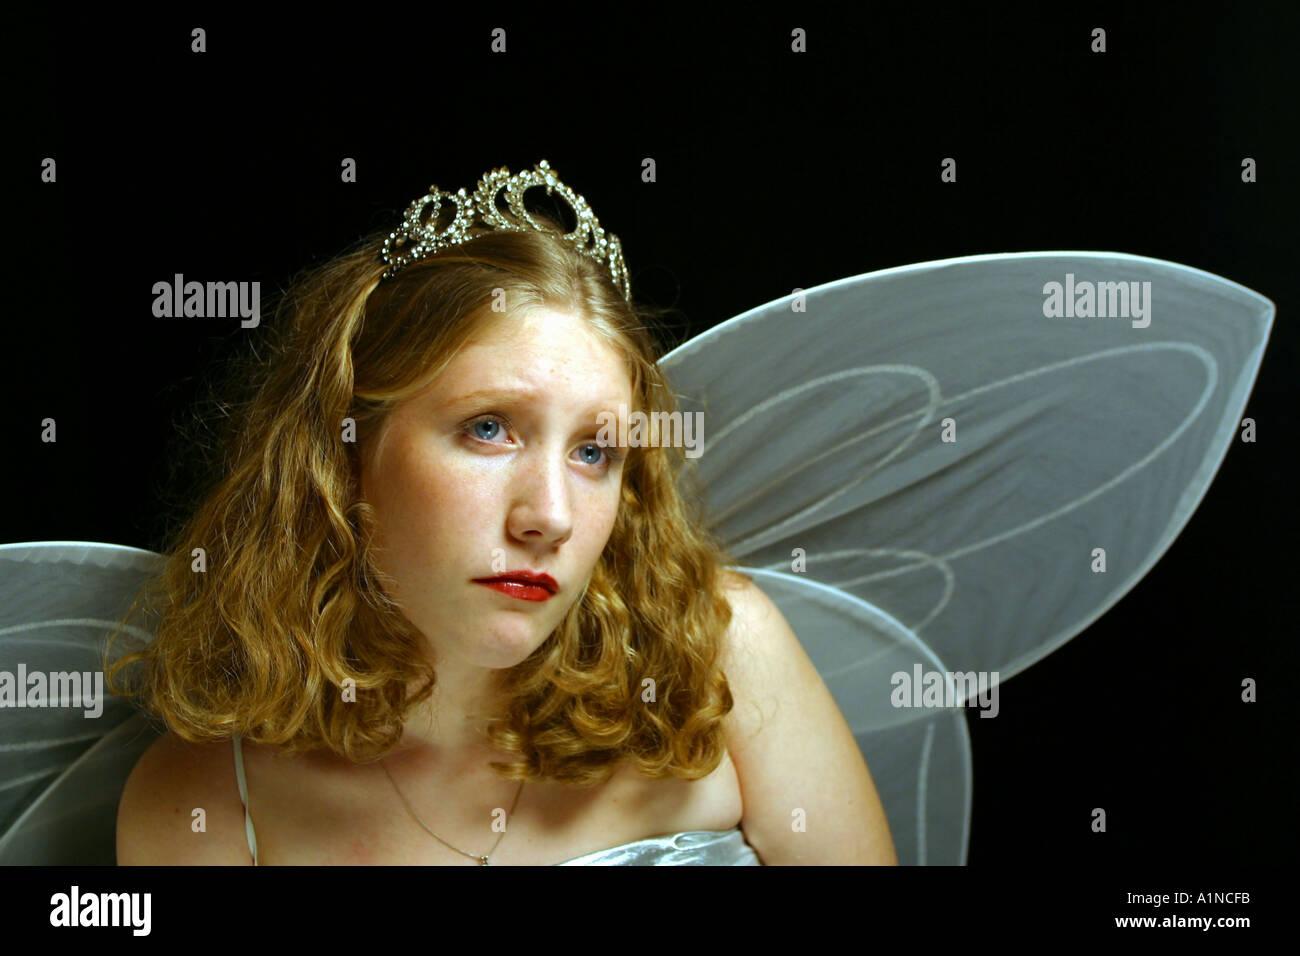 Traurige Fee Prinzessin Foto Fotos Fotos Menschen Stockbild